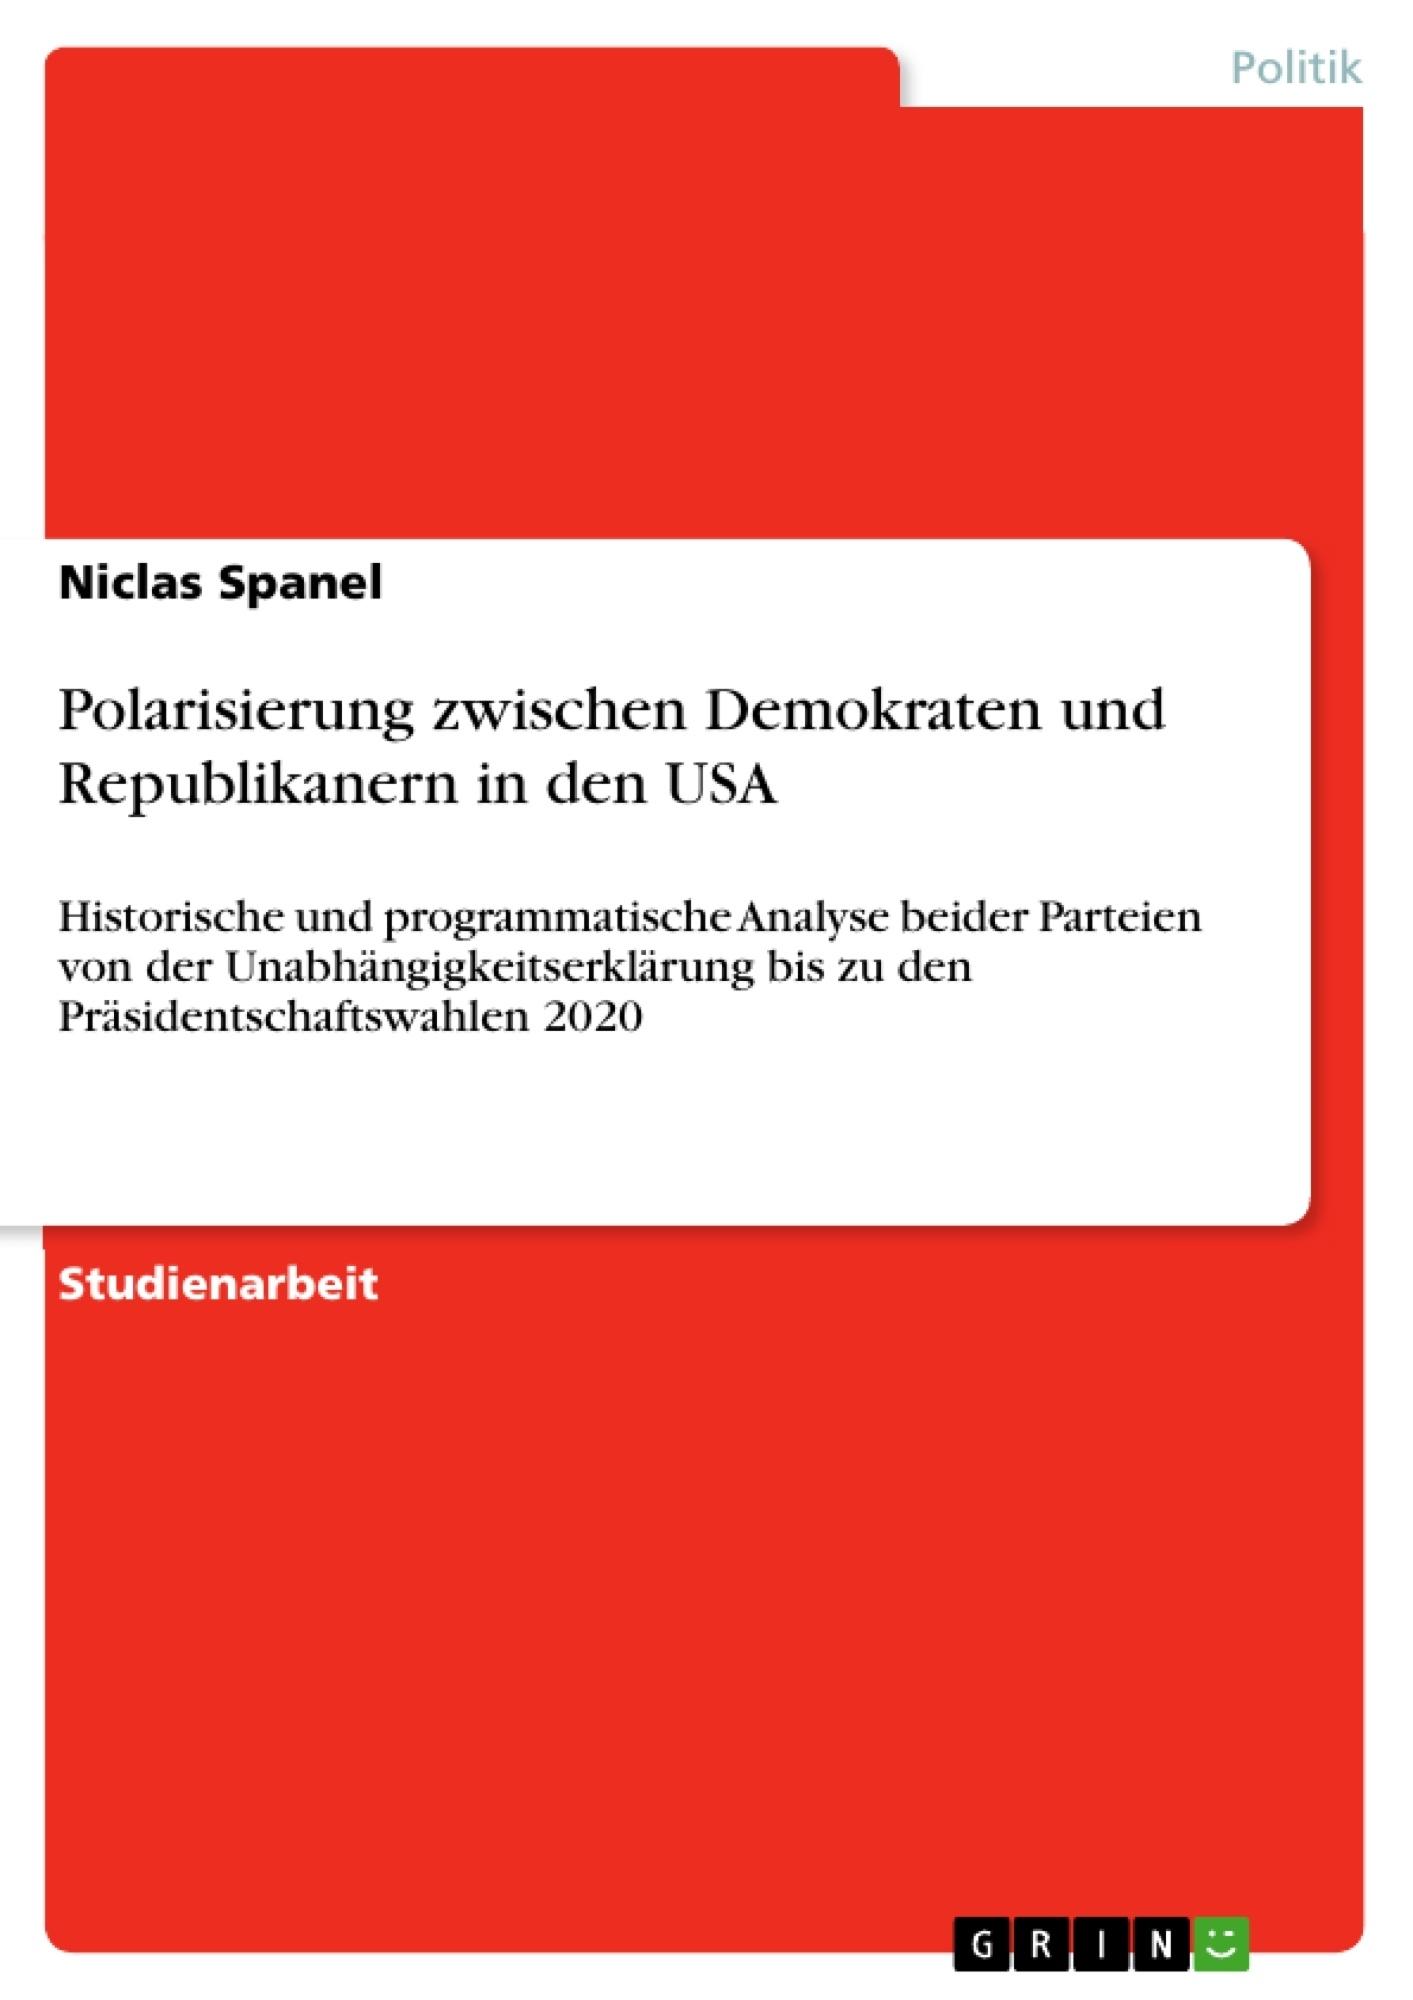 Titel: Polarisierung zwischen Demokraten und Republikanern in den USA